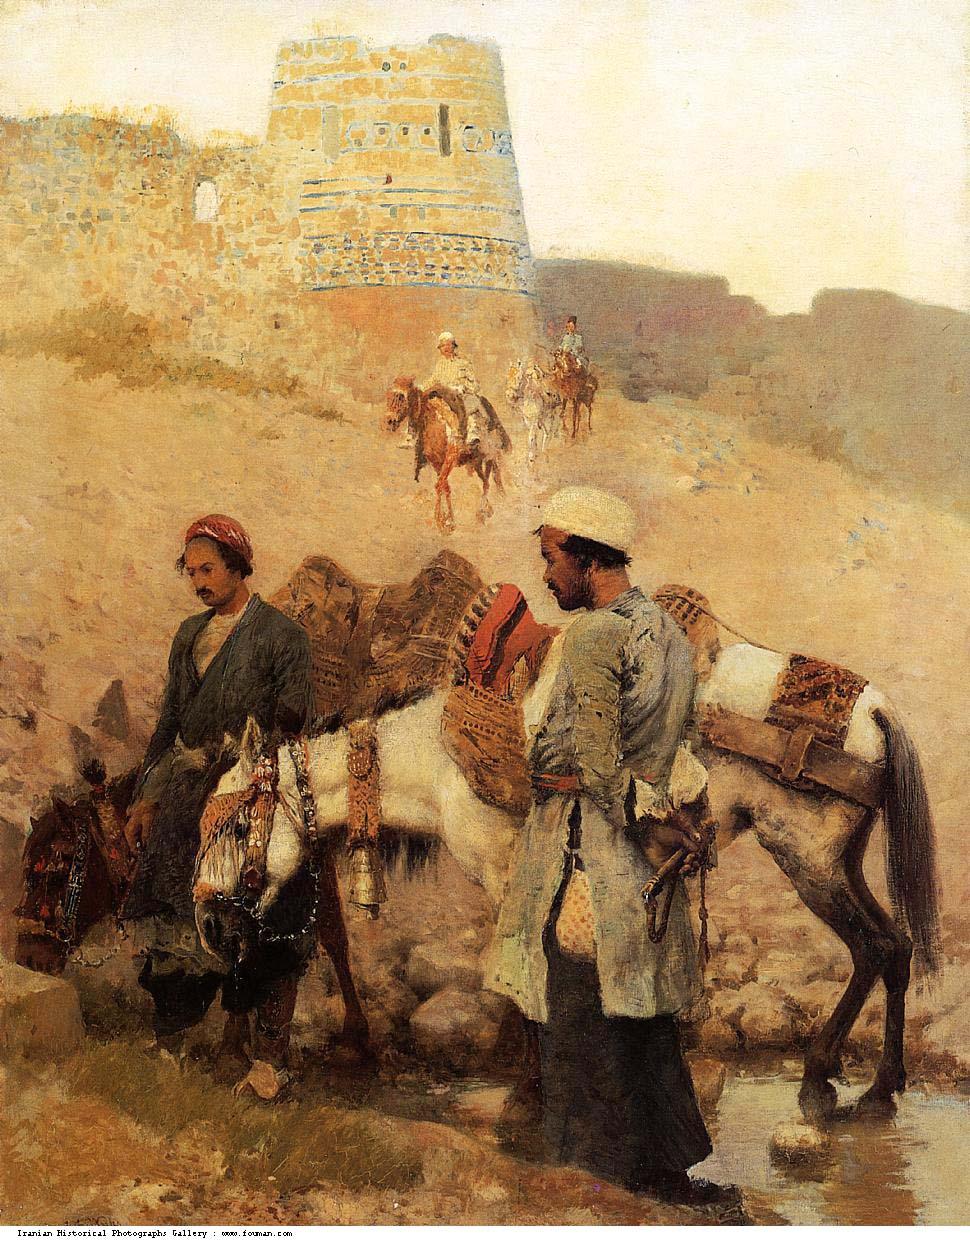 Traveling_Persia_1895_Edwin_Lord_Weeks